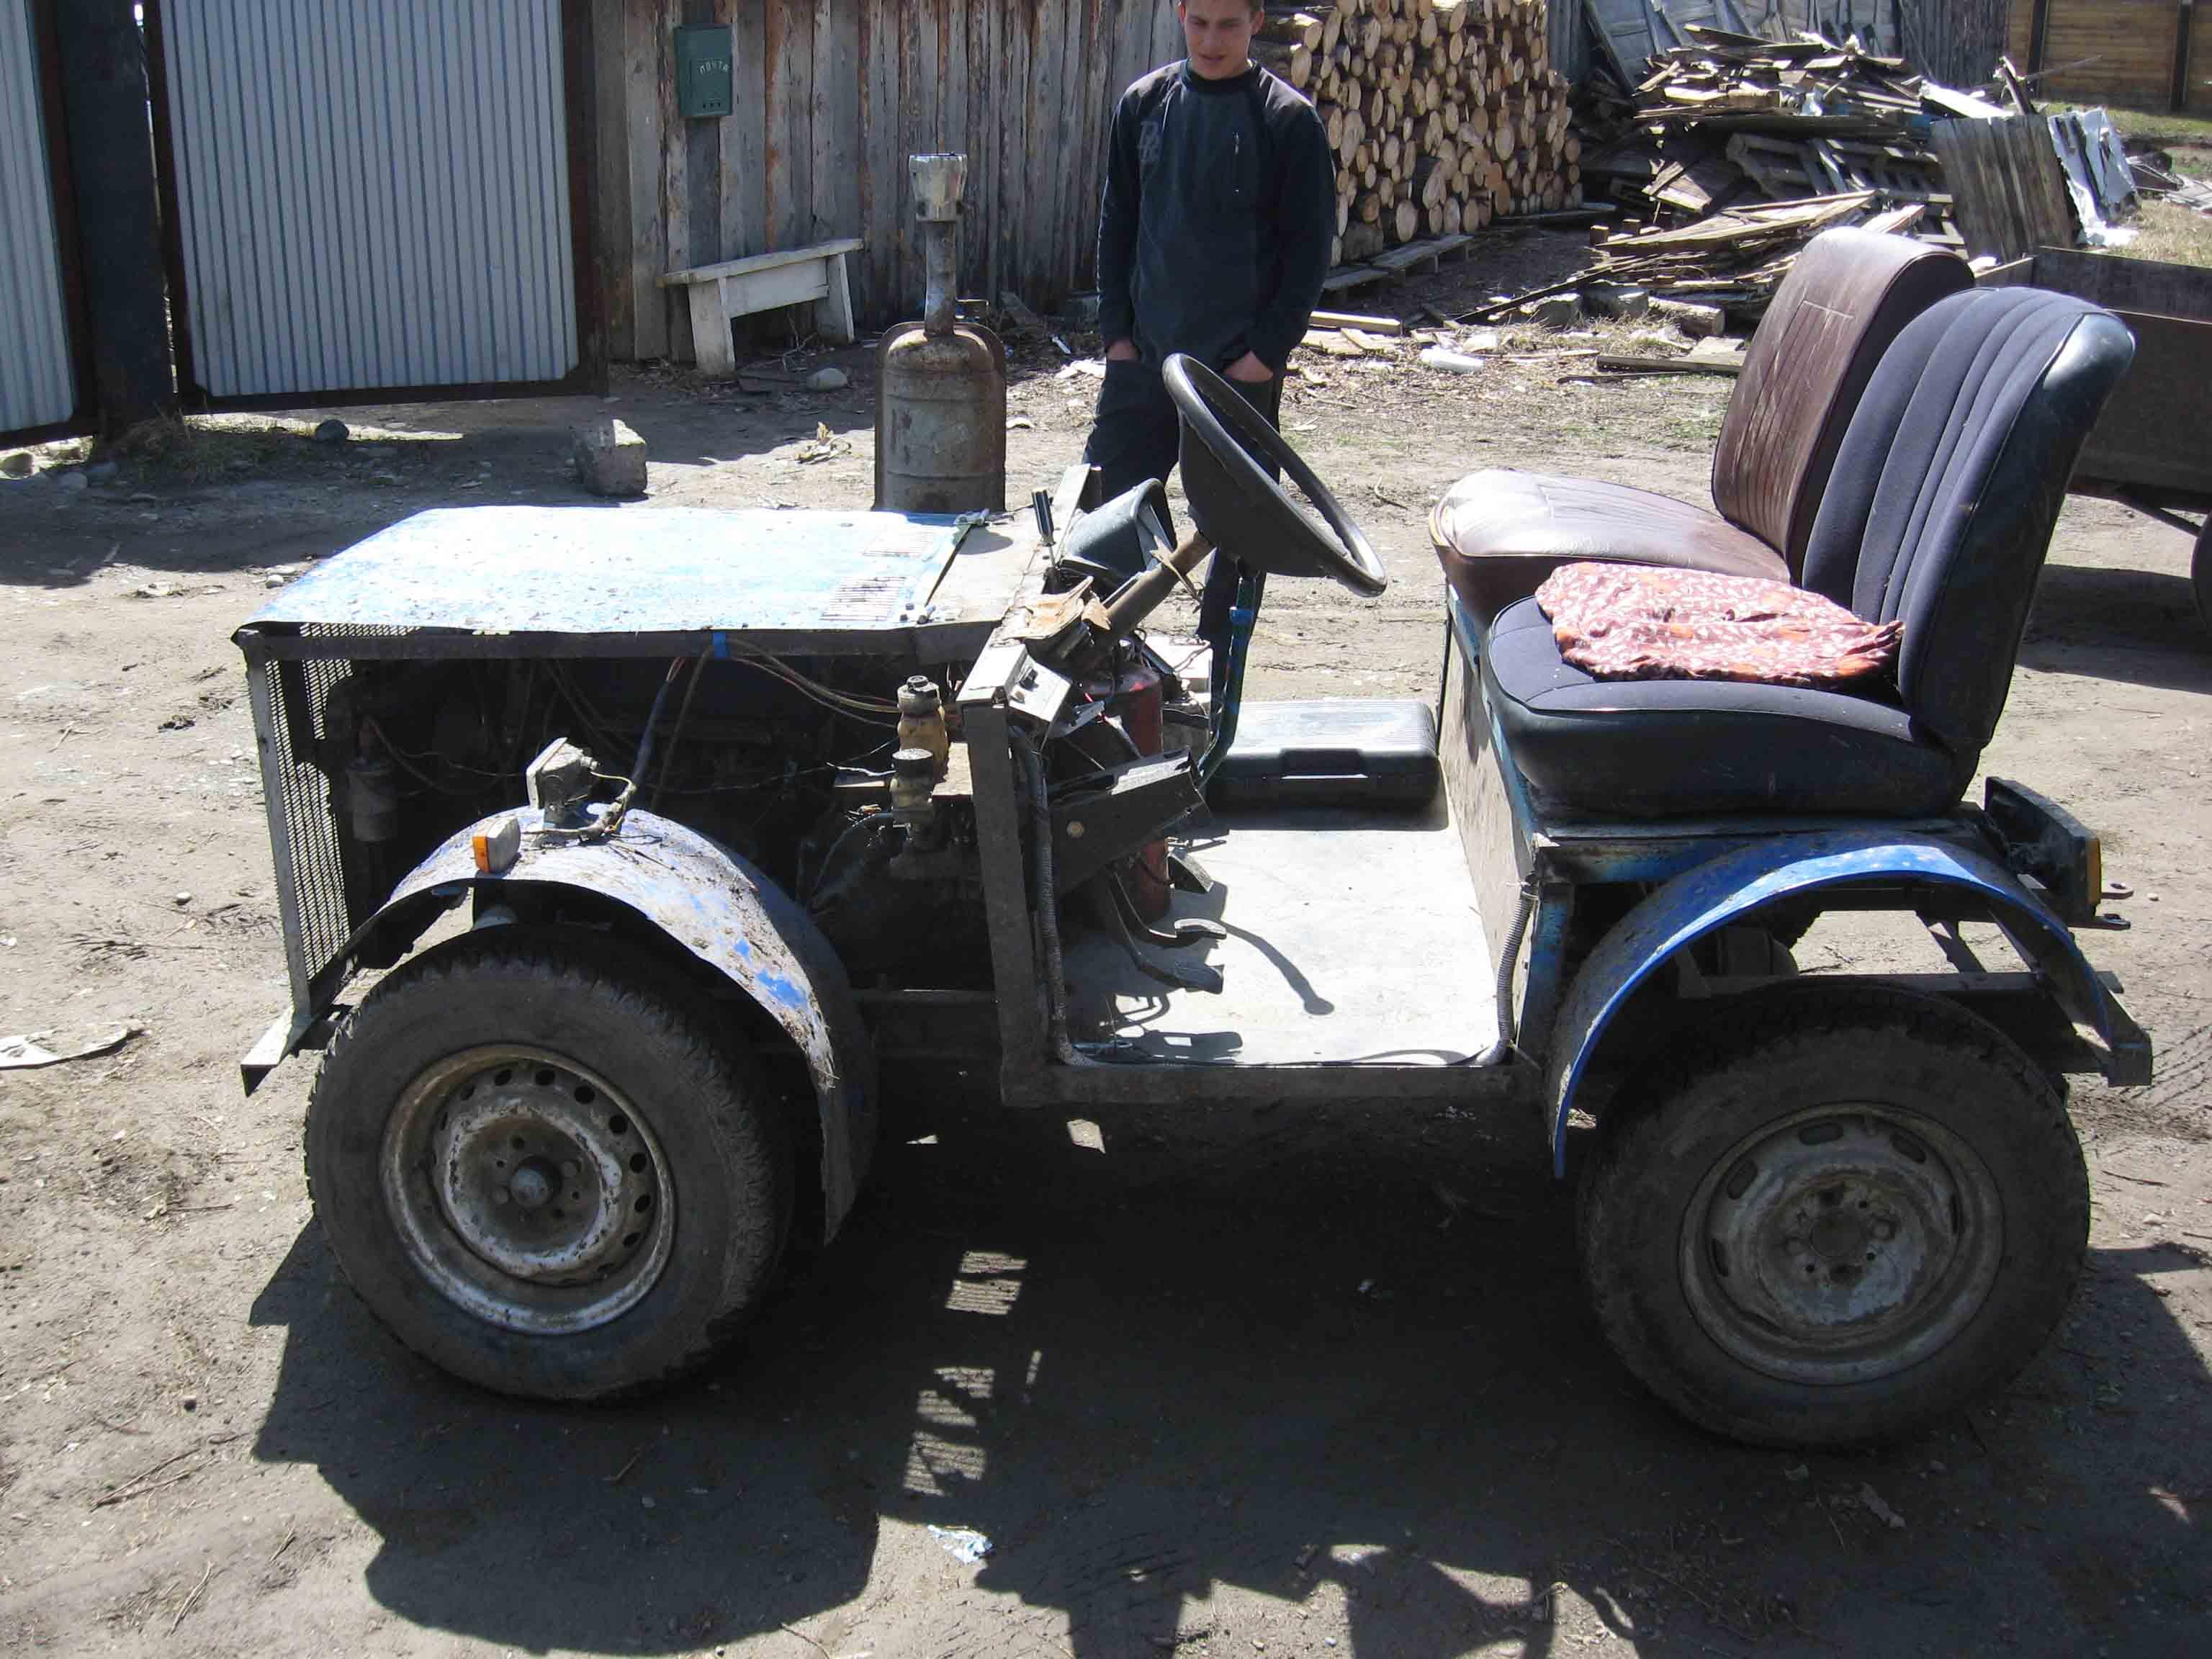 Як самому можна в домашніх умовах зробити мини трактор фото 11 фотография